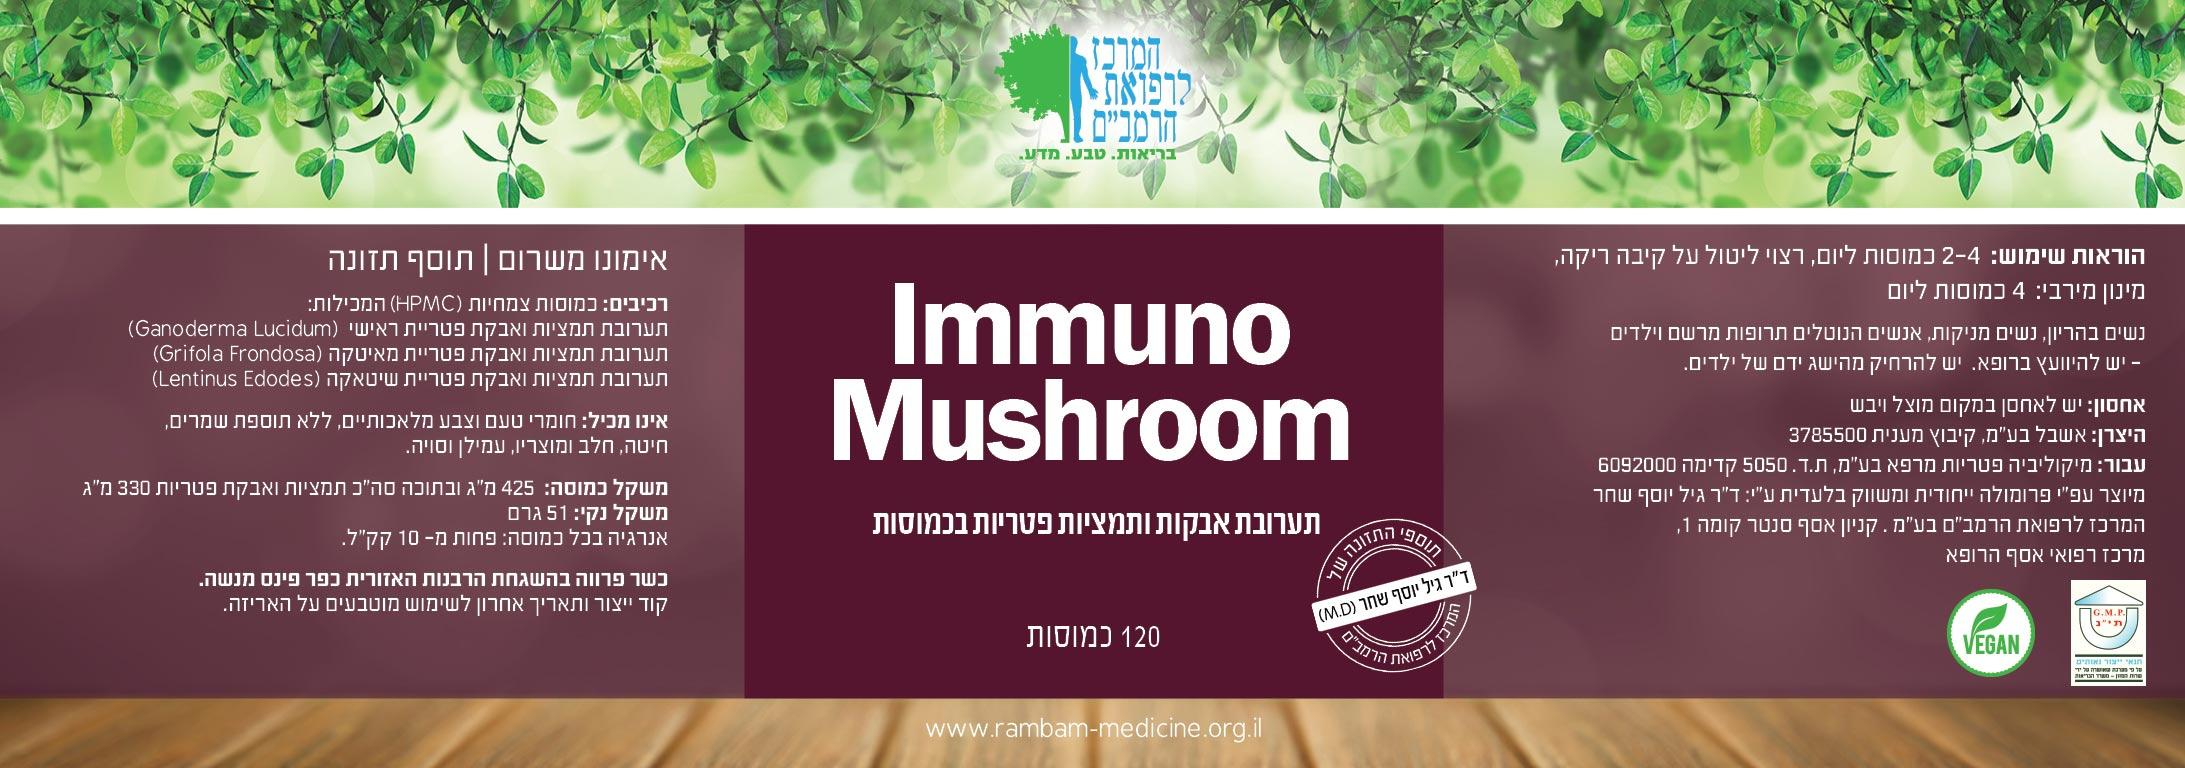 ----זוג Advanced Mushroom Support במחיר מוזל-----